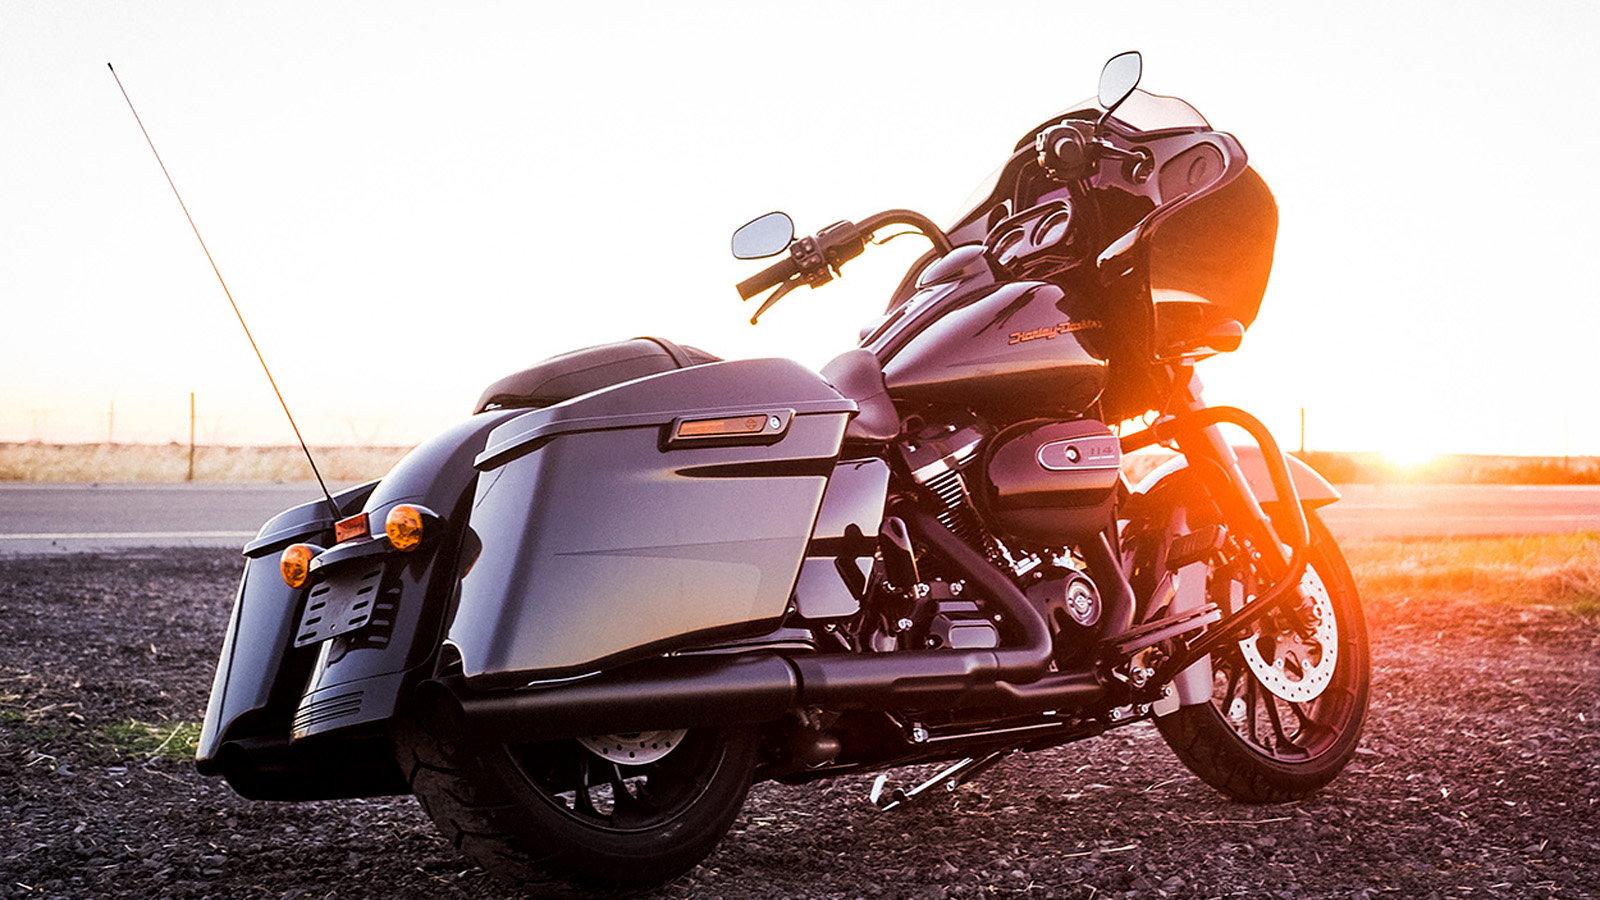 Harley-Davidson's Brad Richards Talks Shop on Design